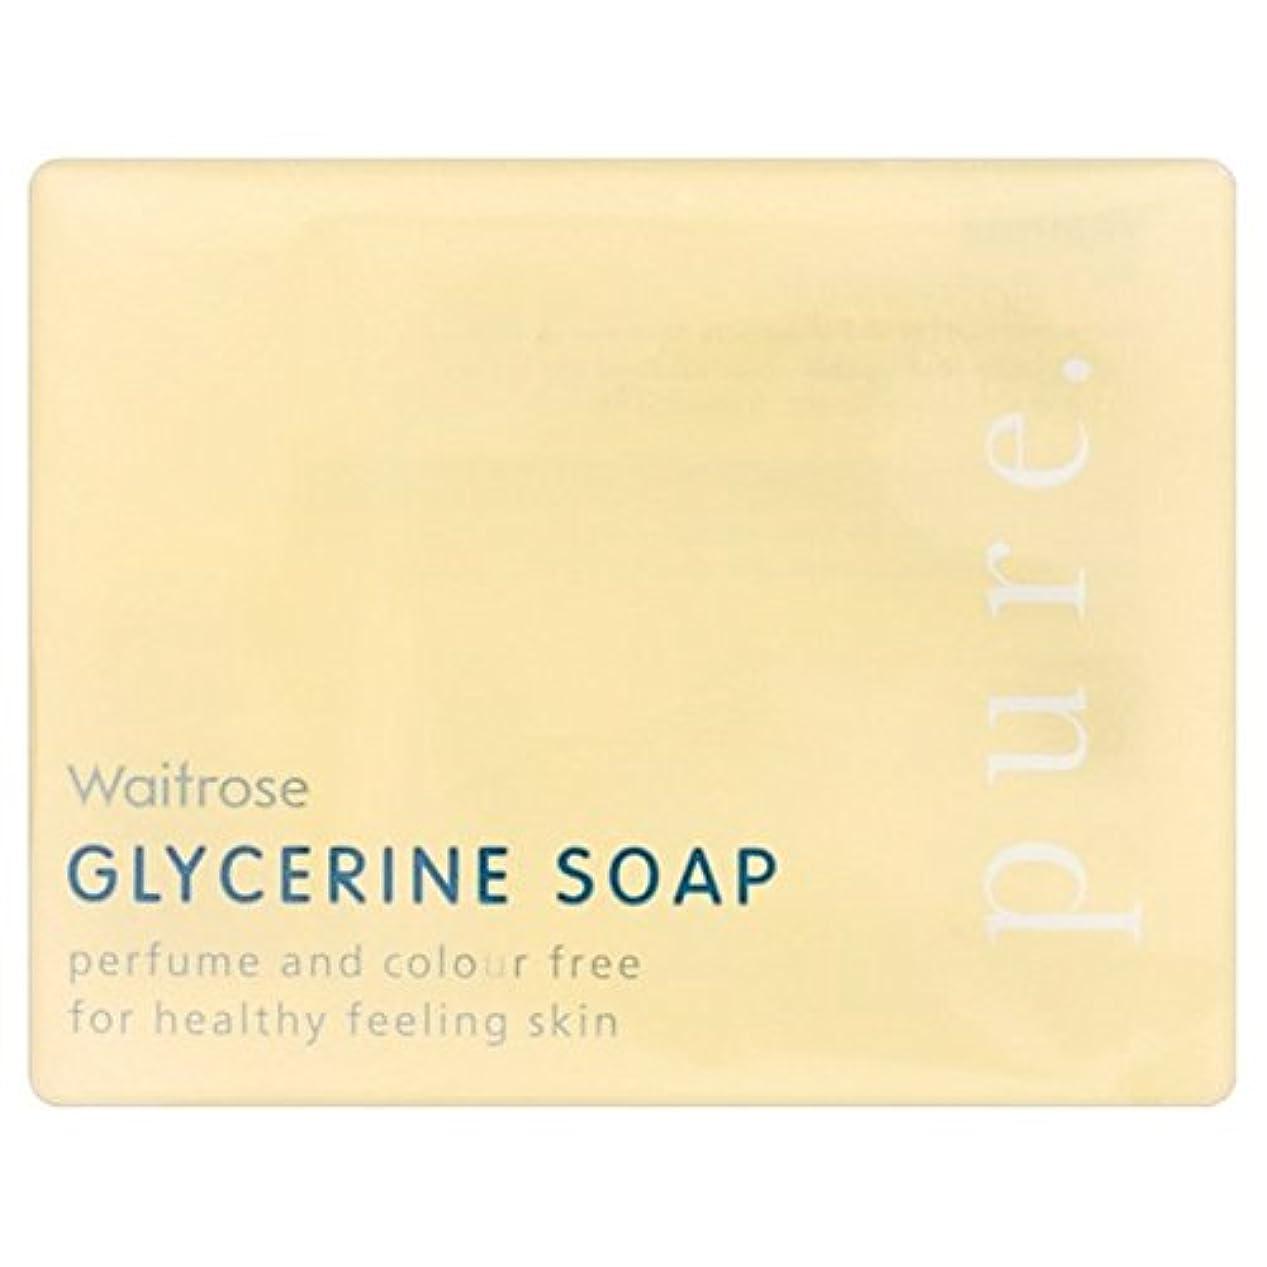 誇張アリブースPure Glycerine Soap Waitrose 100g - 純粋なグリセリンソープウェイトローズの100グラム [並行輸入品]